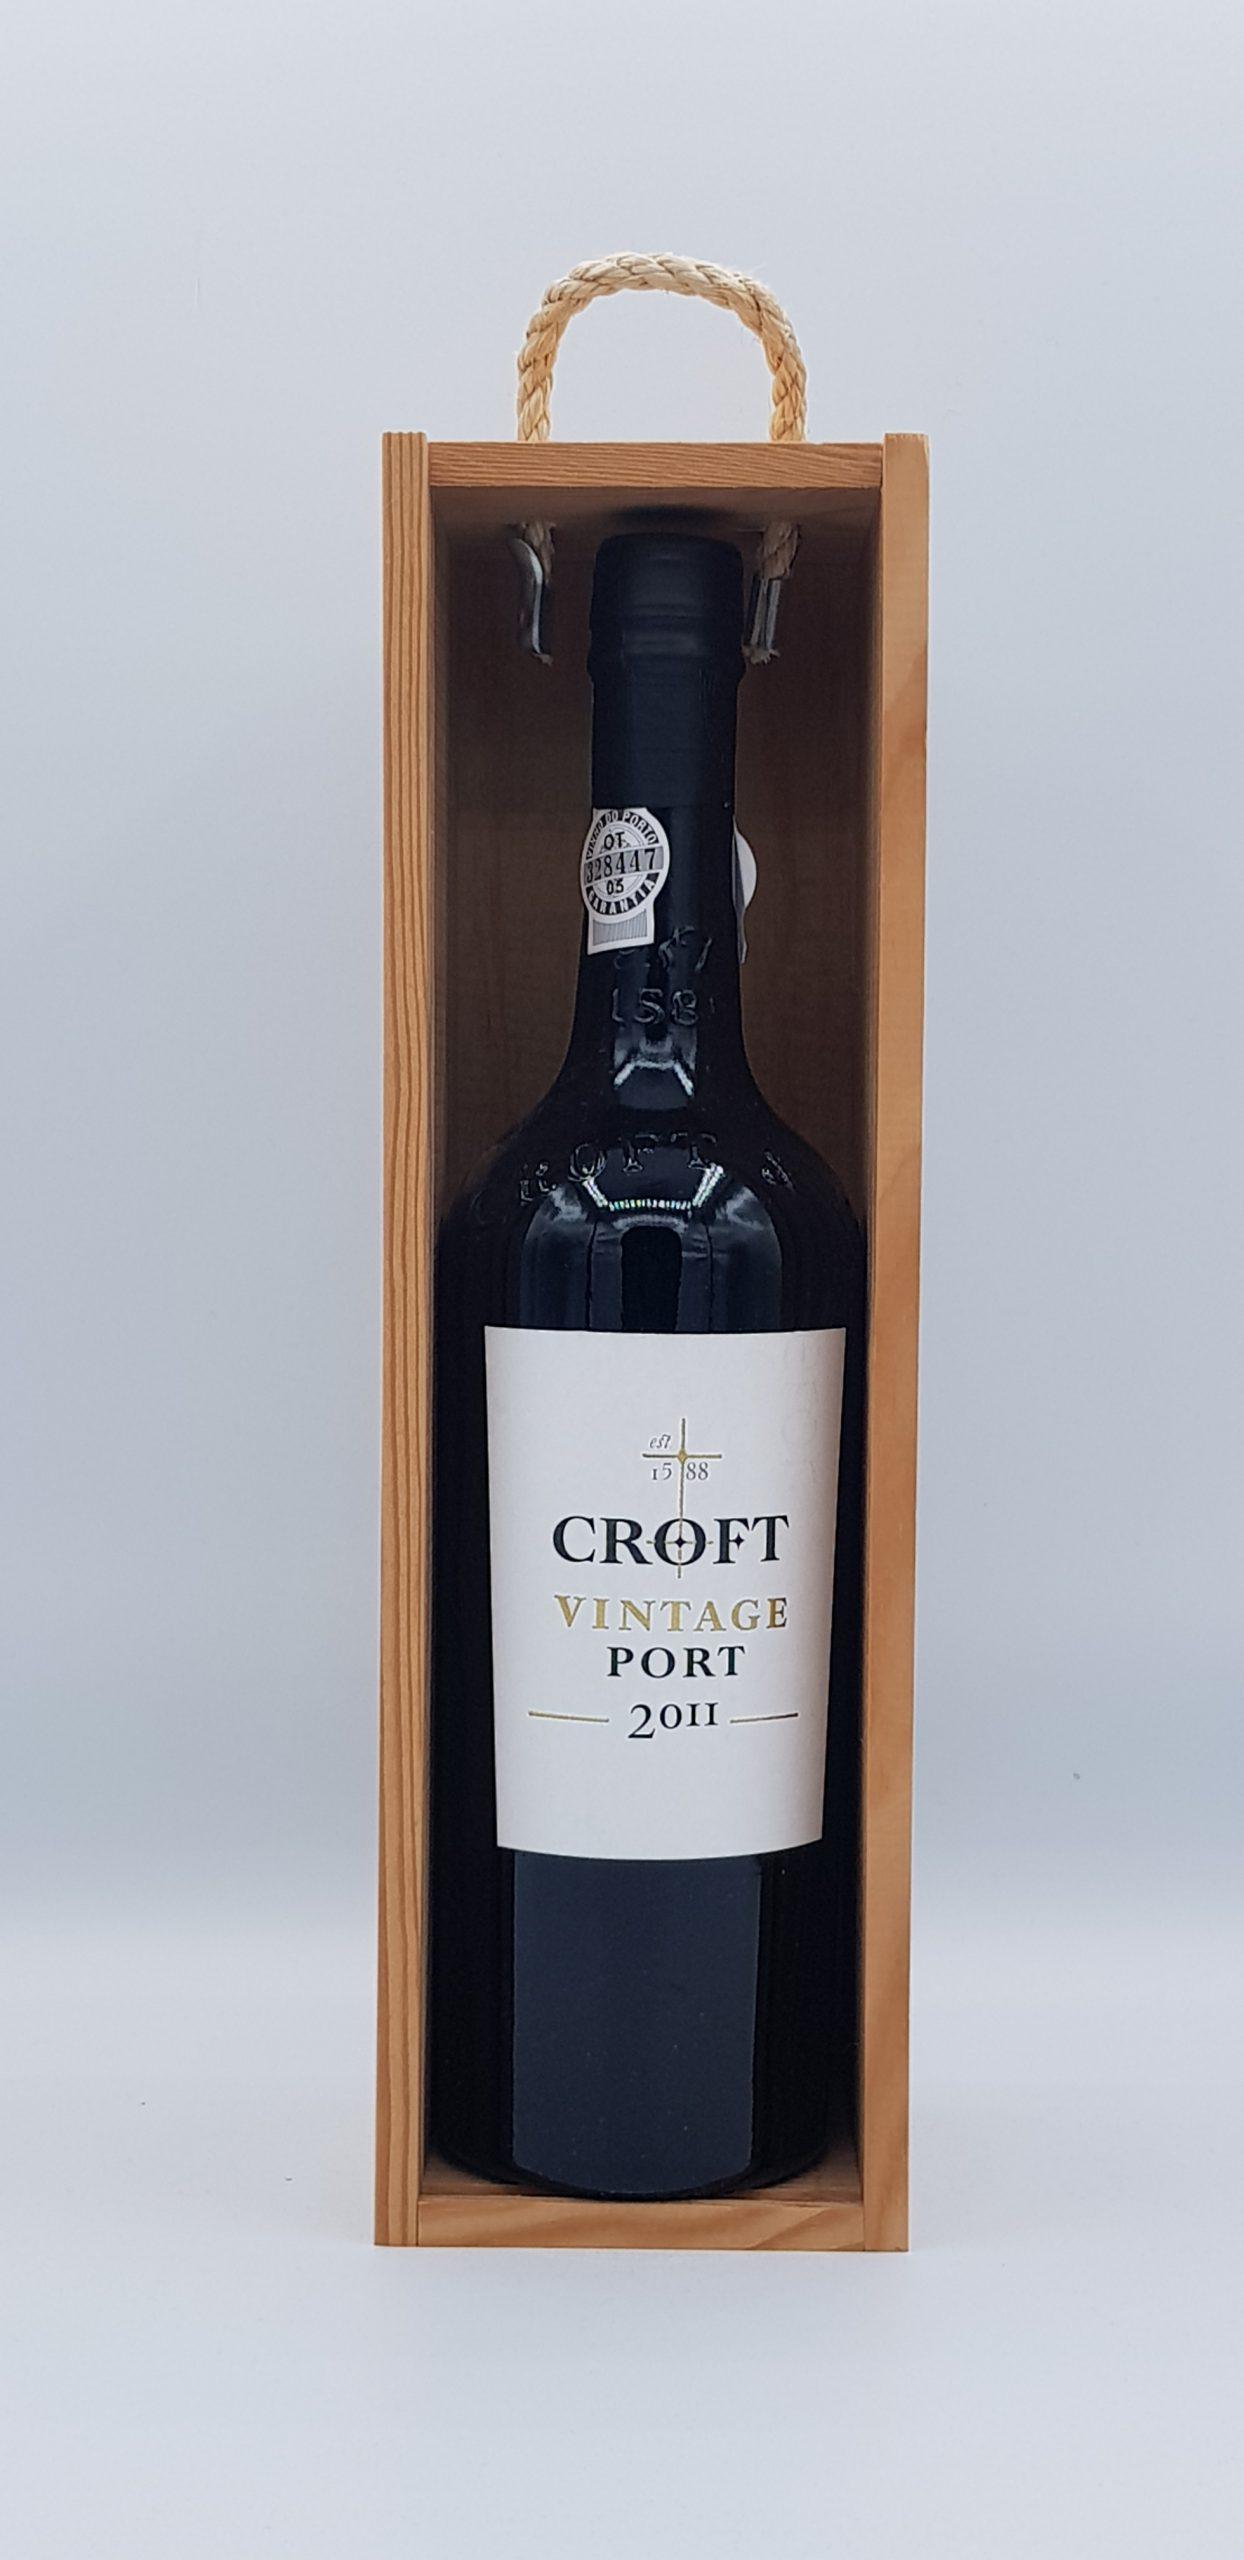 Porto Croft Vintage 2011